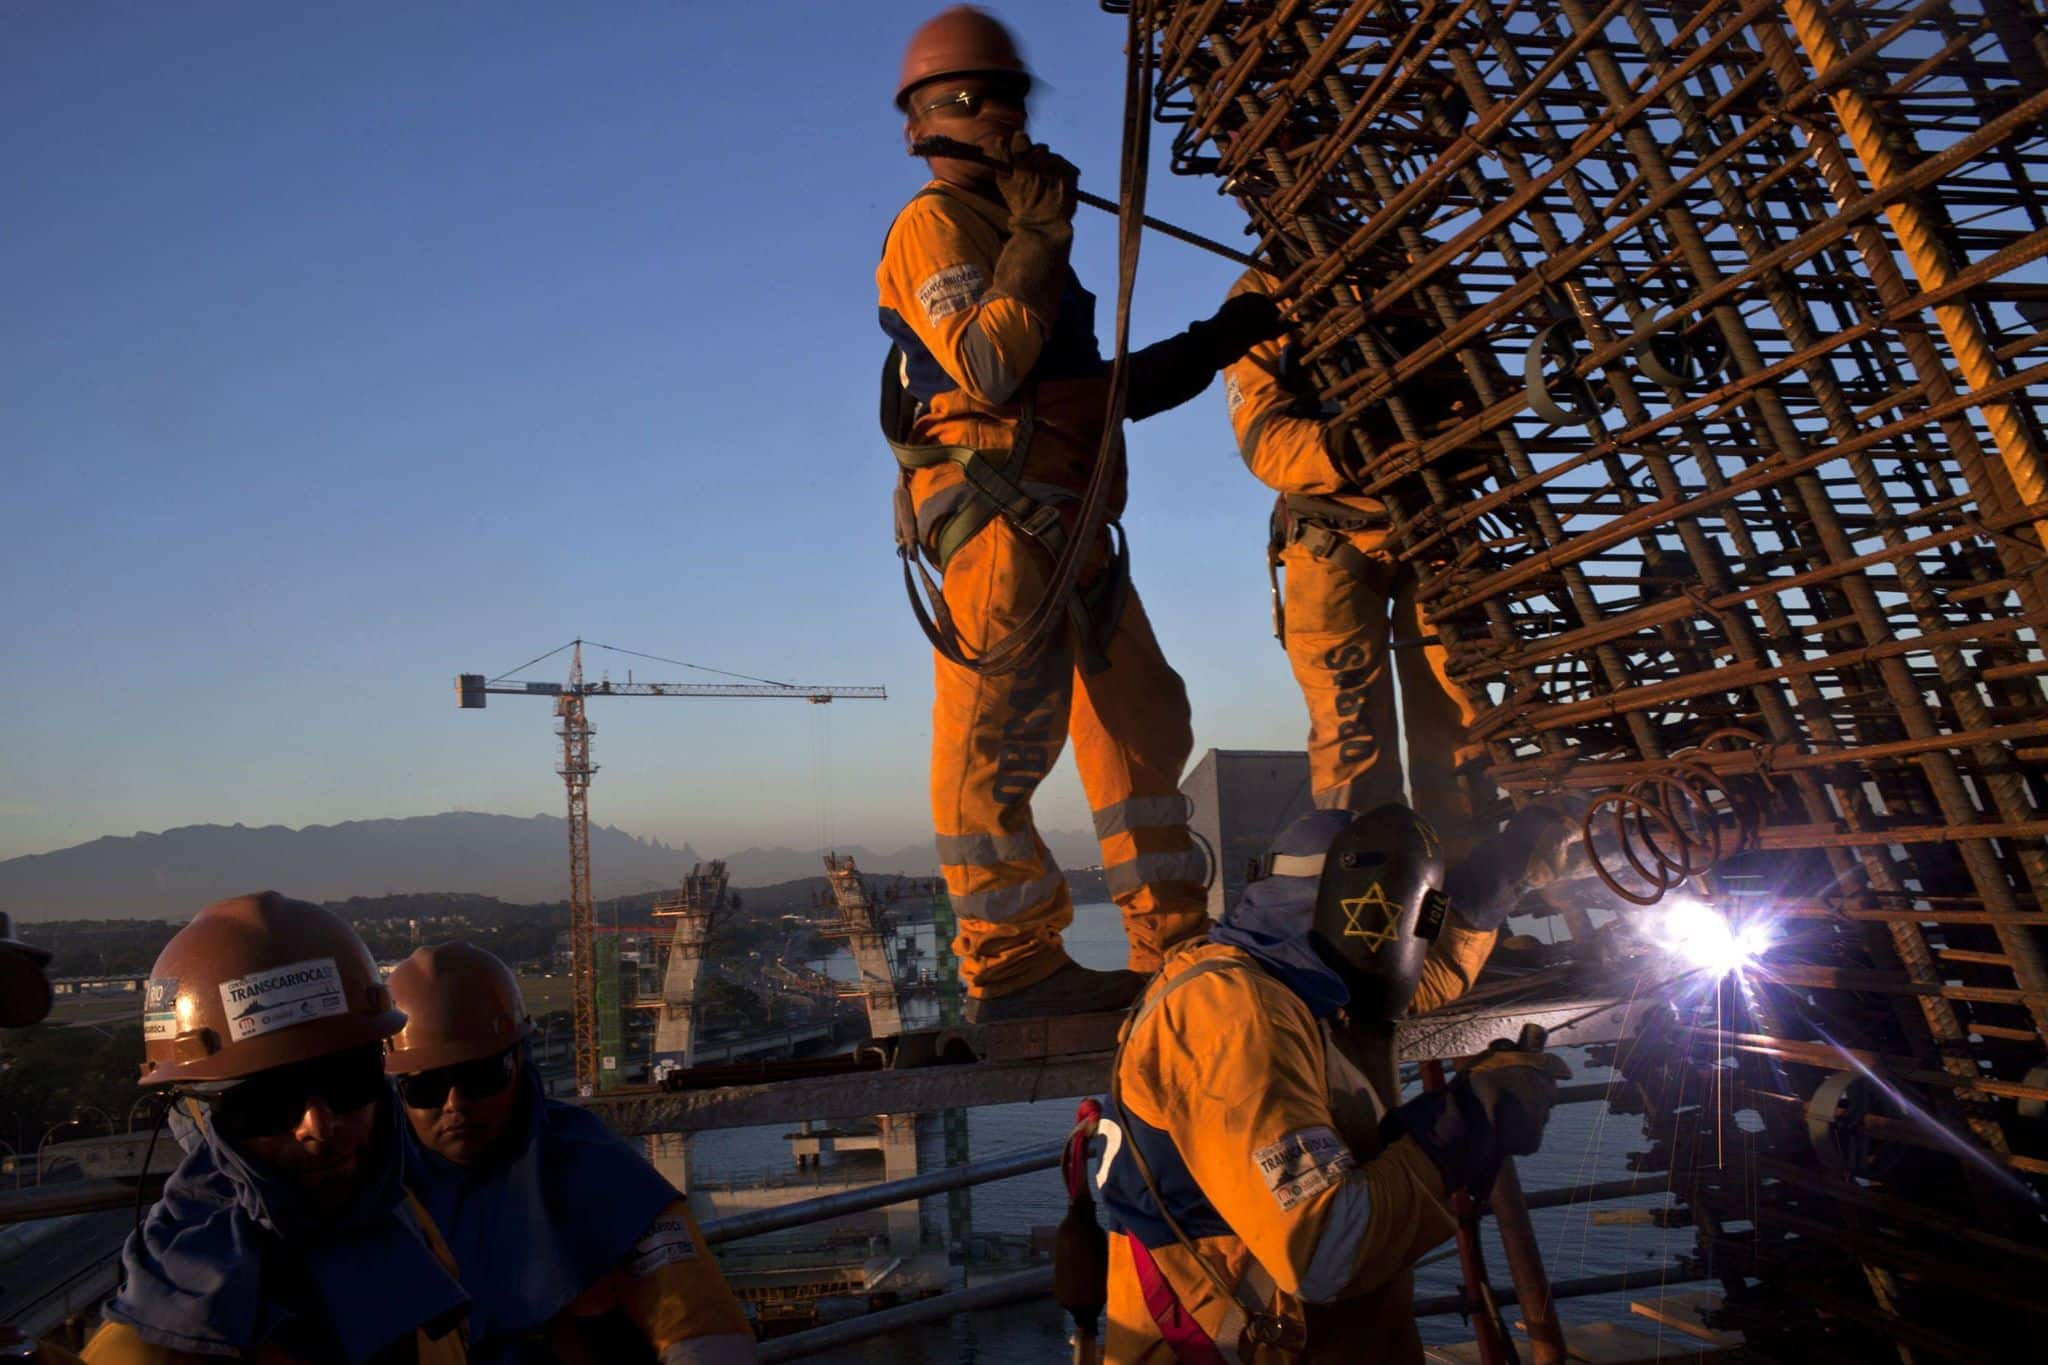 Construtora, emprego, estágio